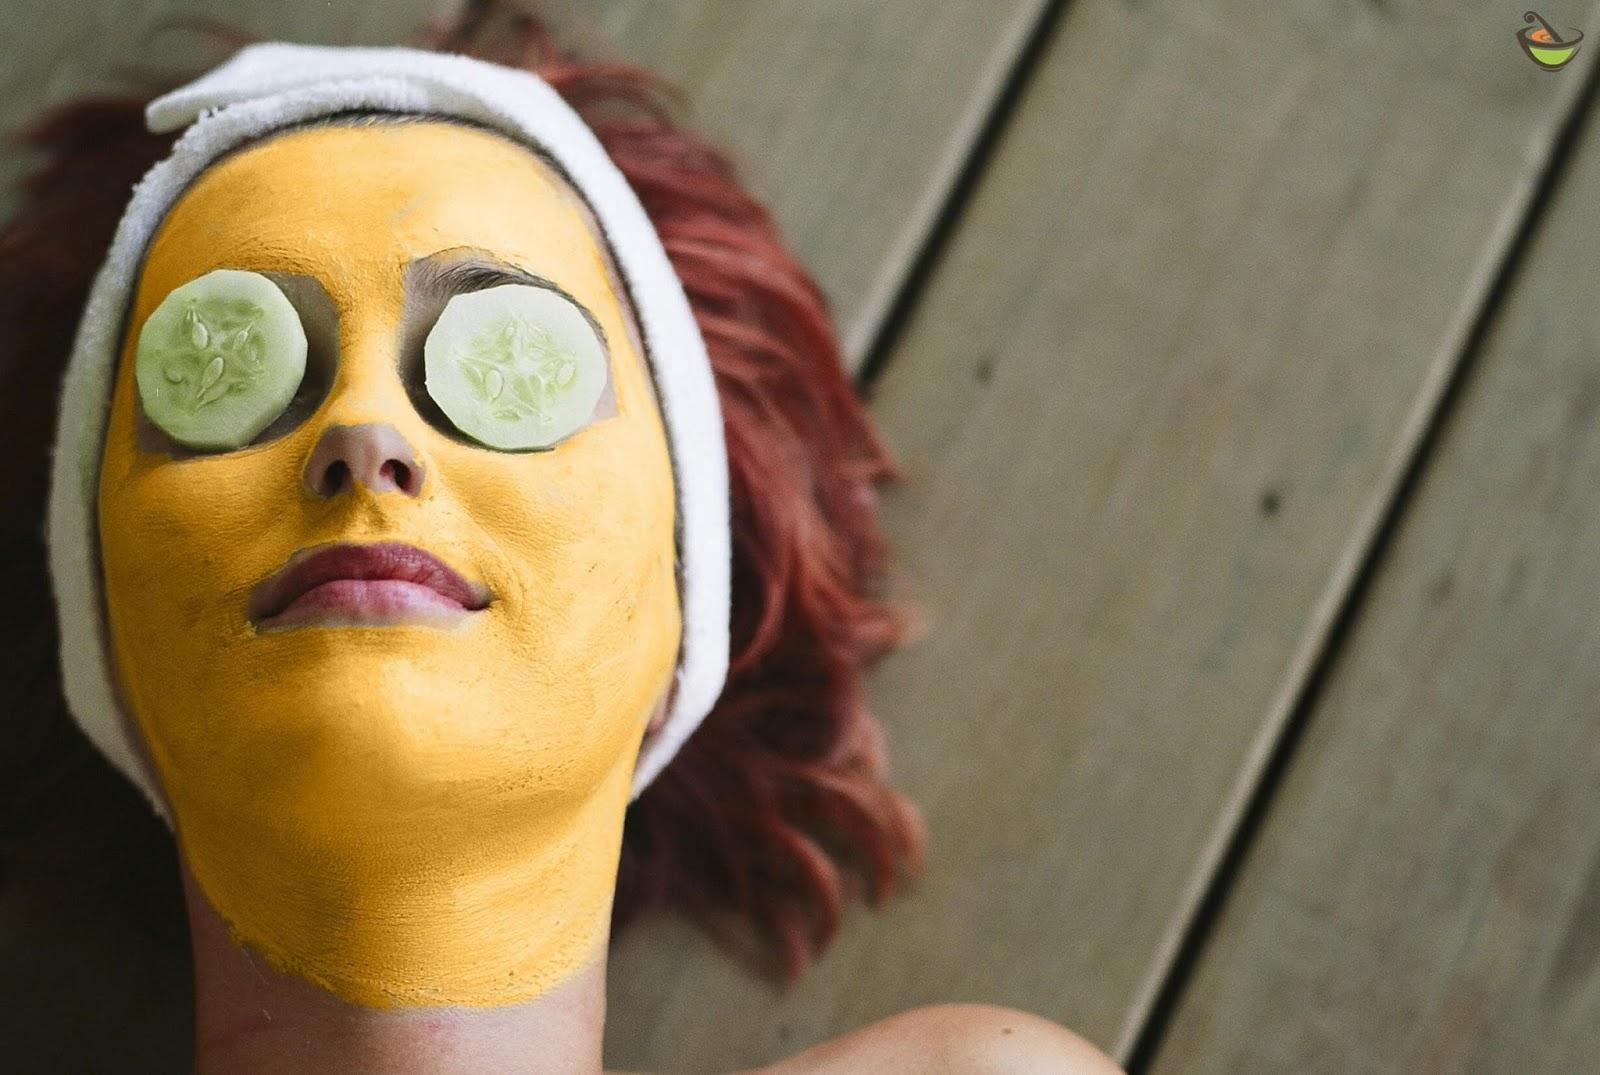 صور اضرار الكركم على الوجه , هل يوجد مخاطر من وضع كركم على البشرة